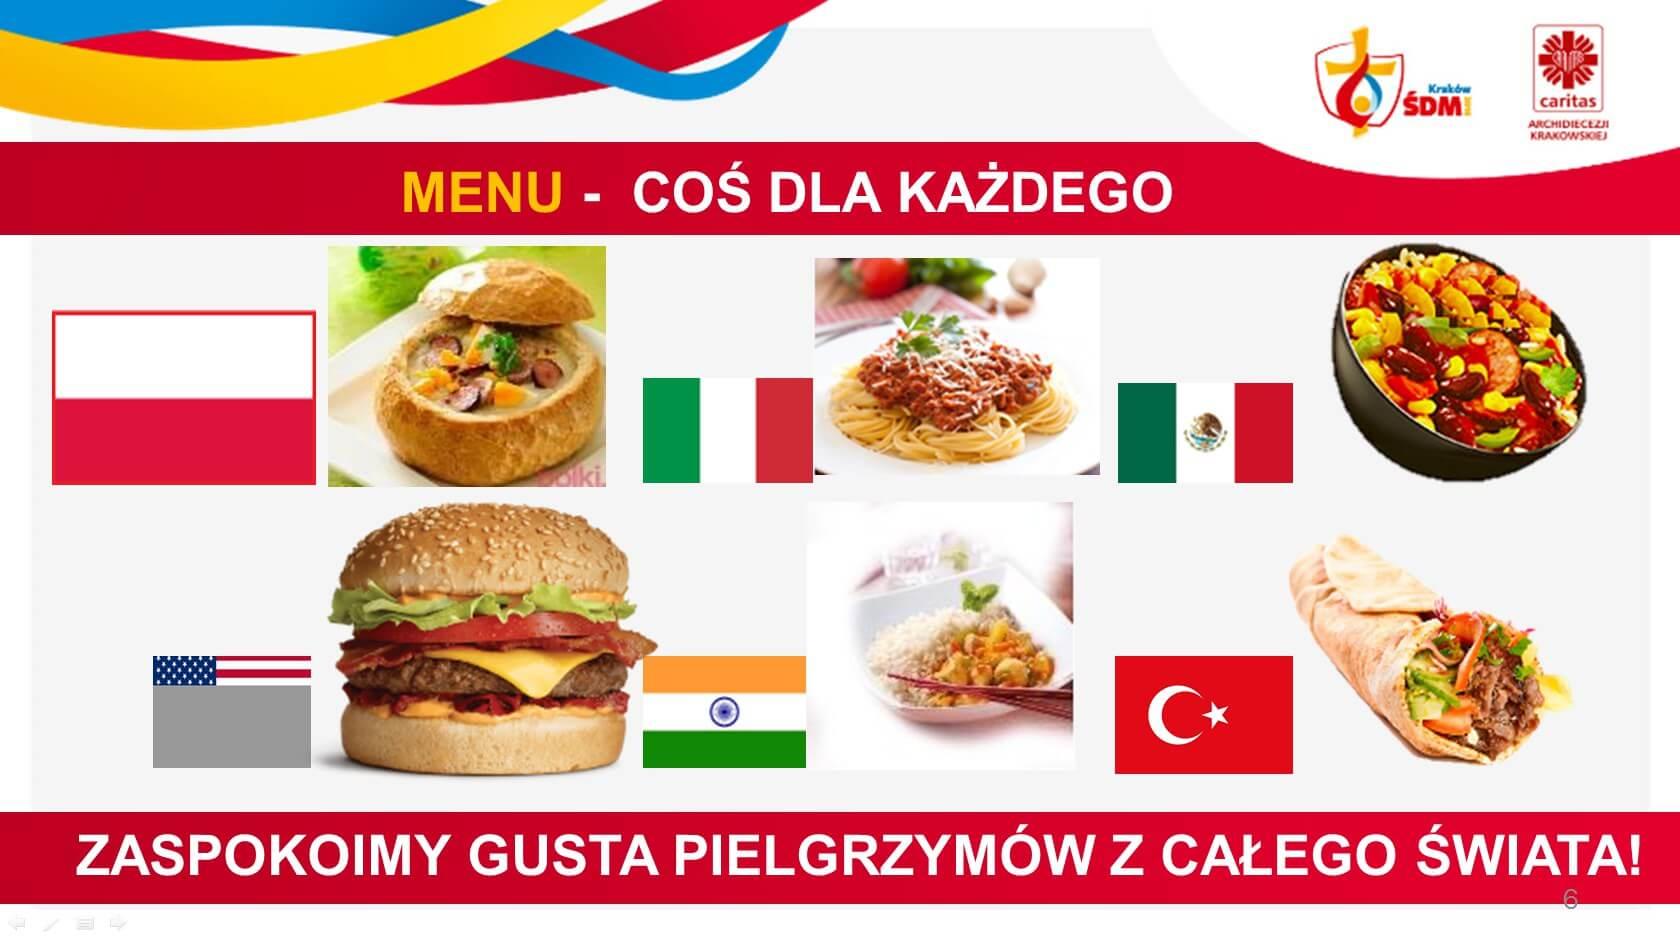 Strefy gastronomiczne ŚDM 2016 (6)